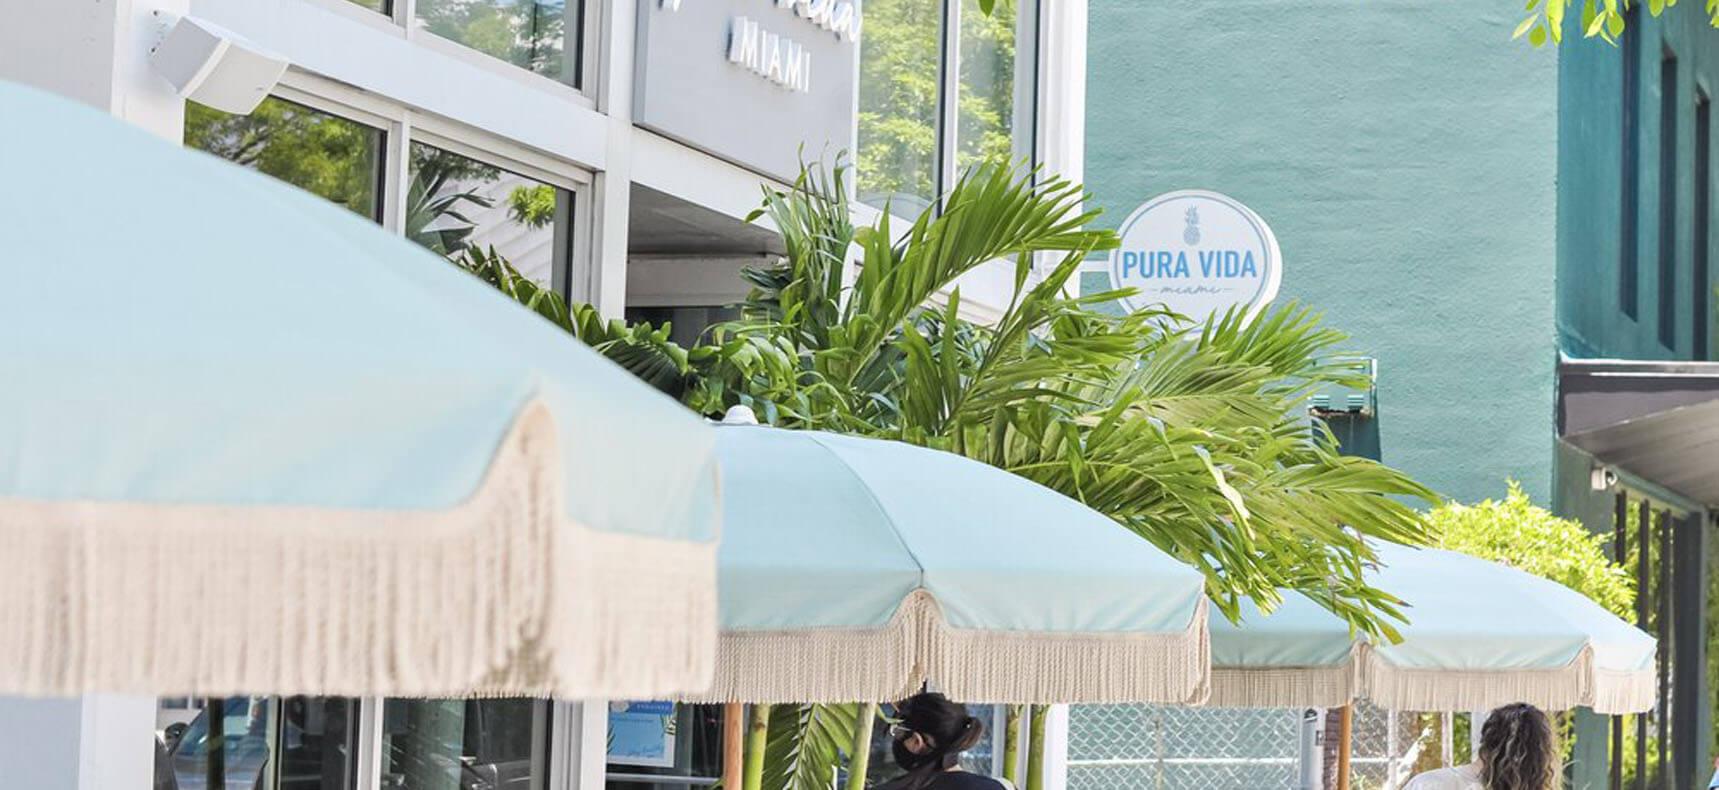 vintage beach parasols (1)